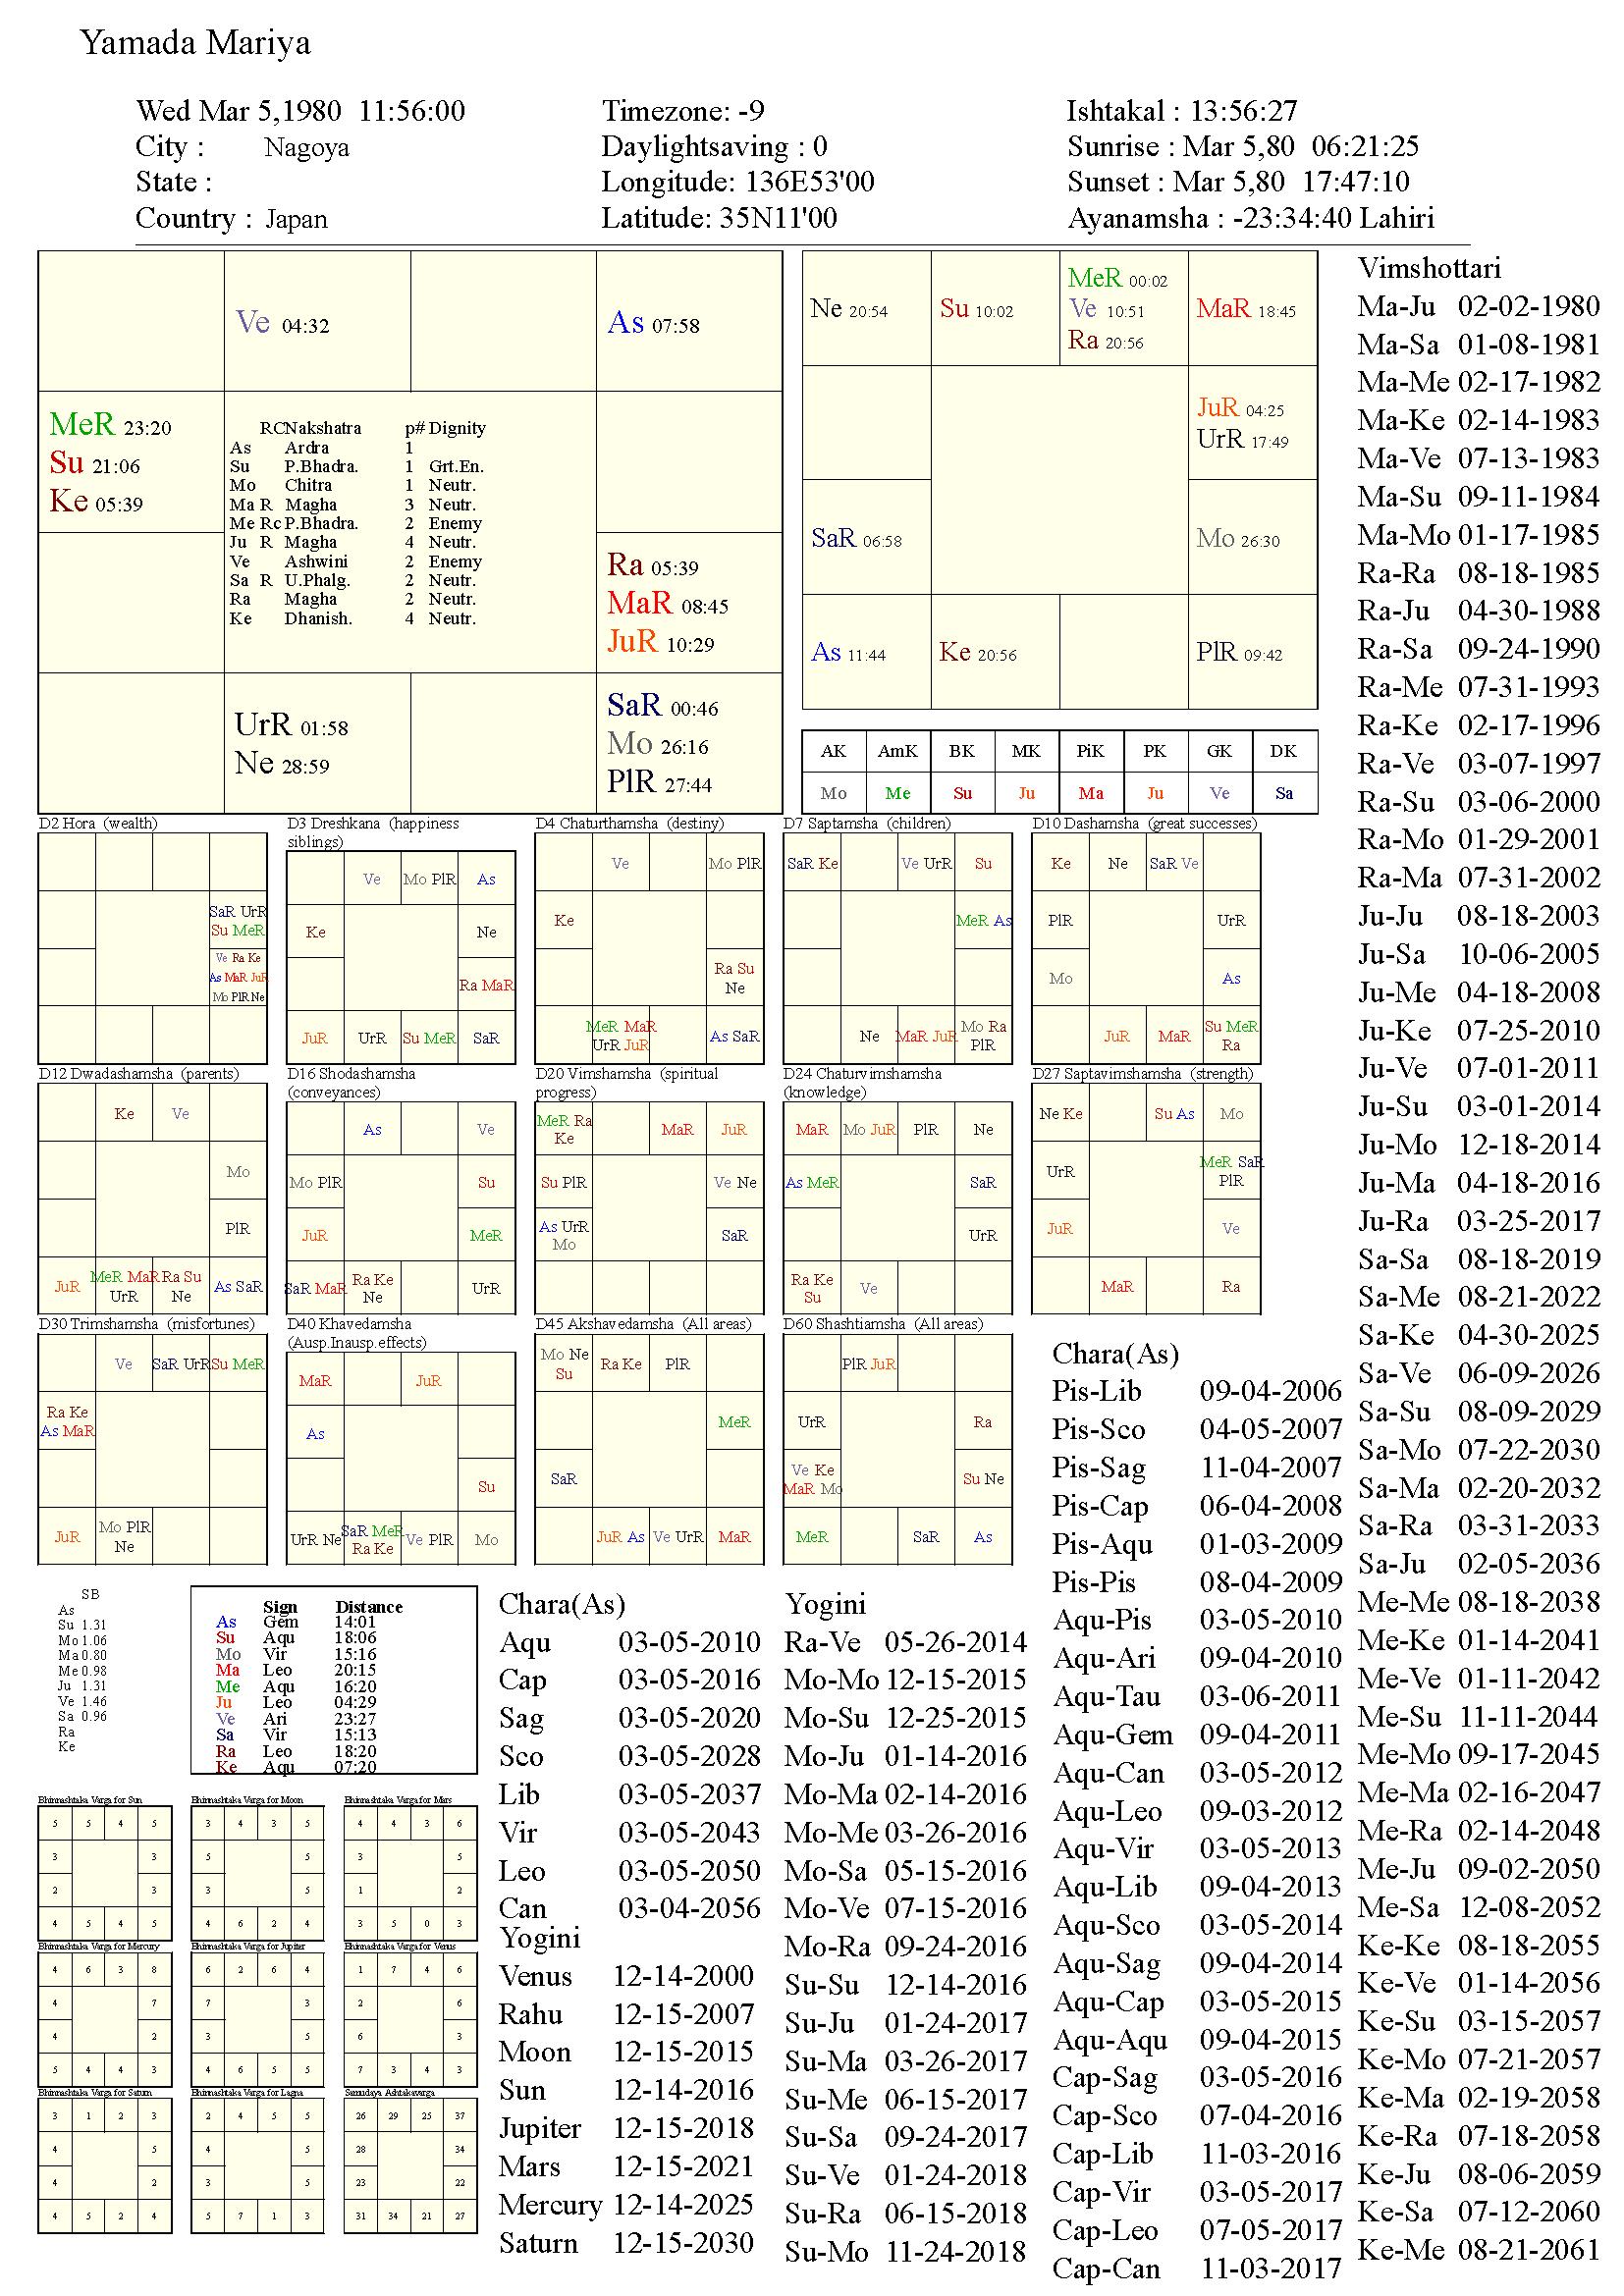 yamadamariya_chart